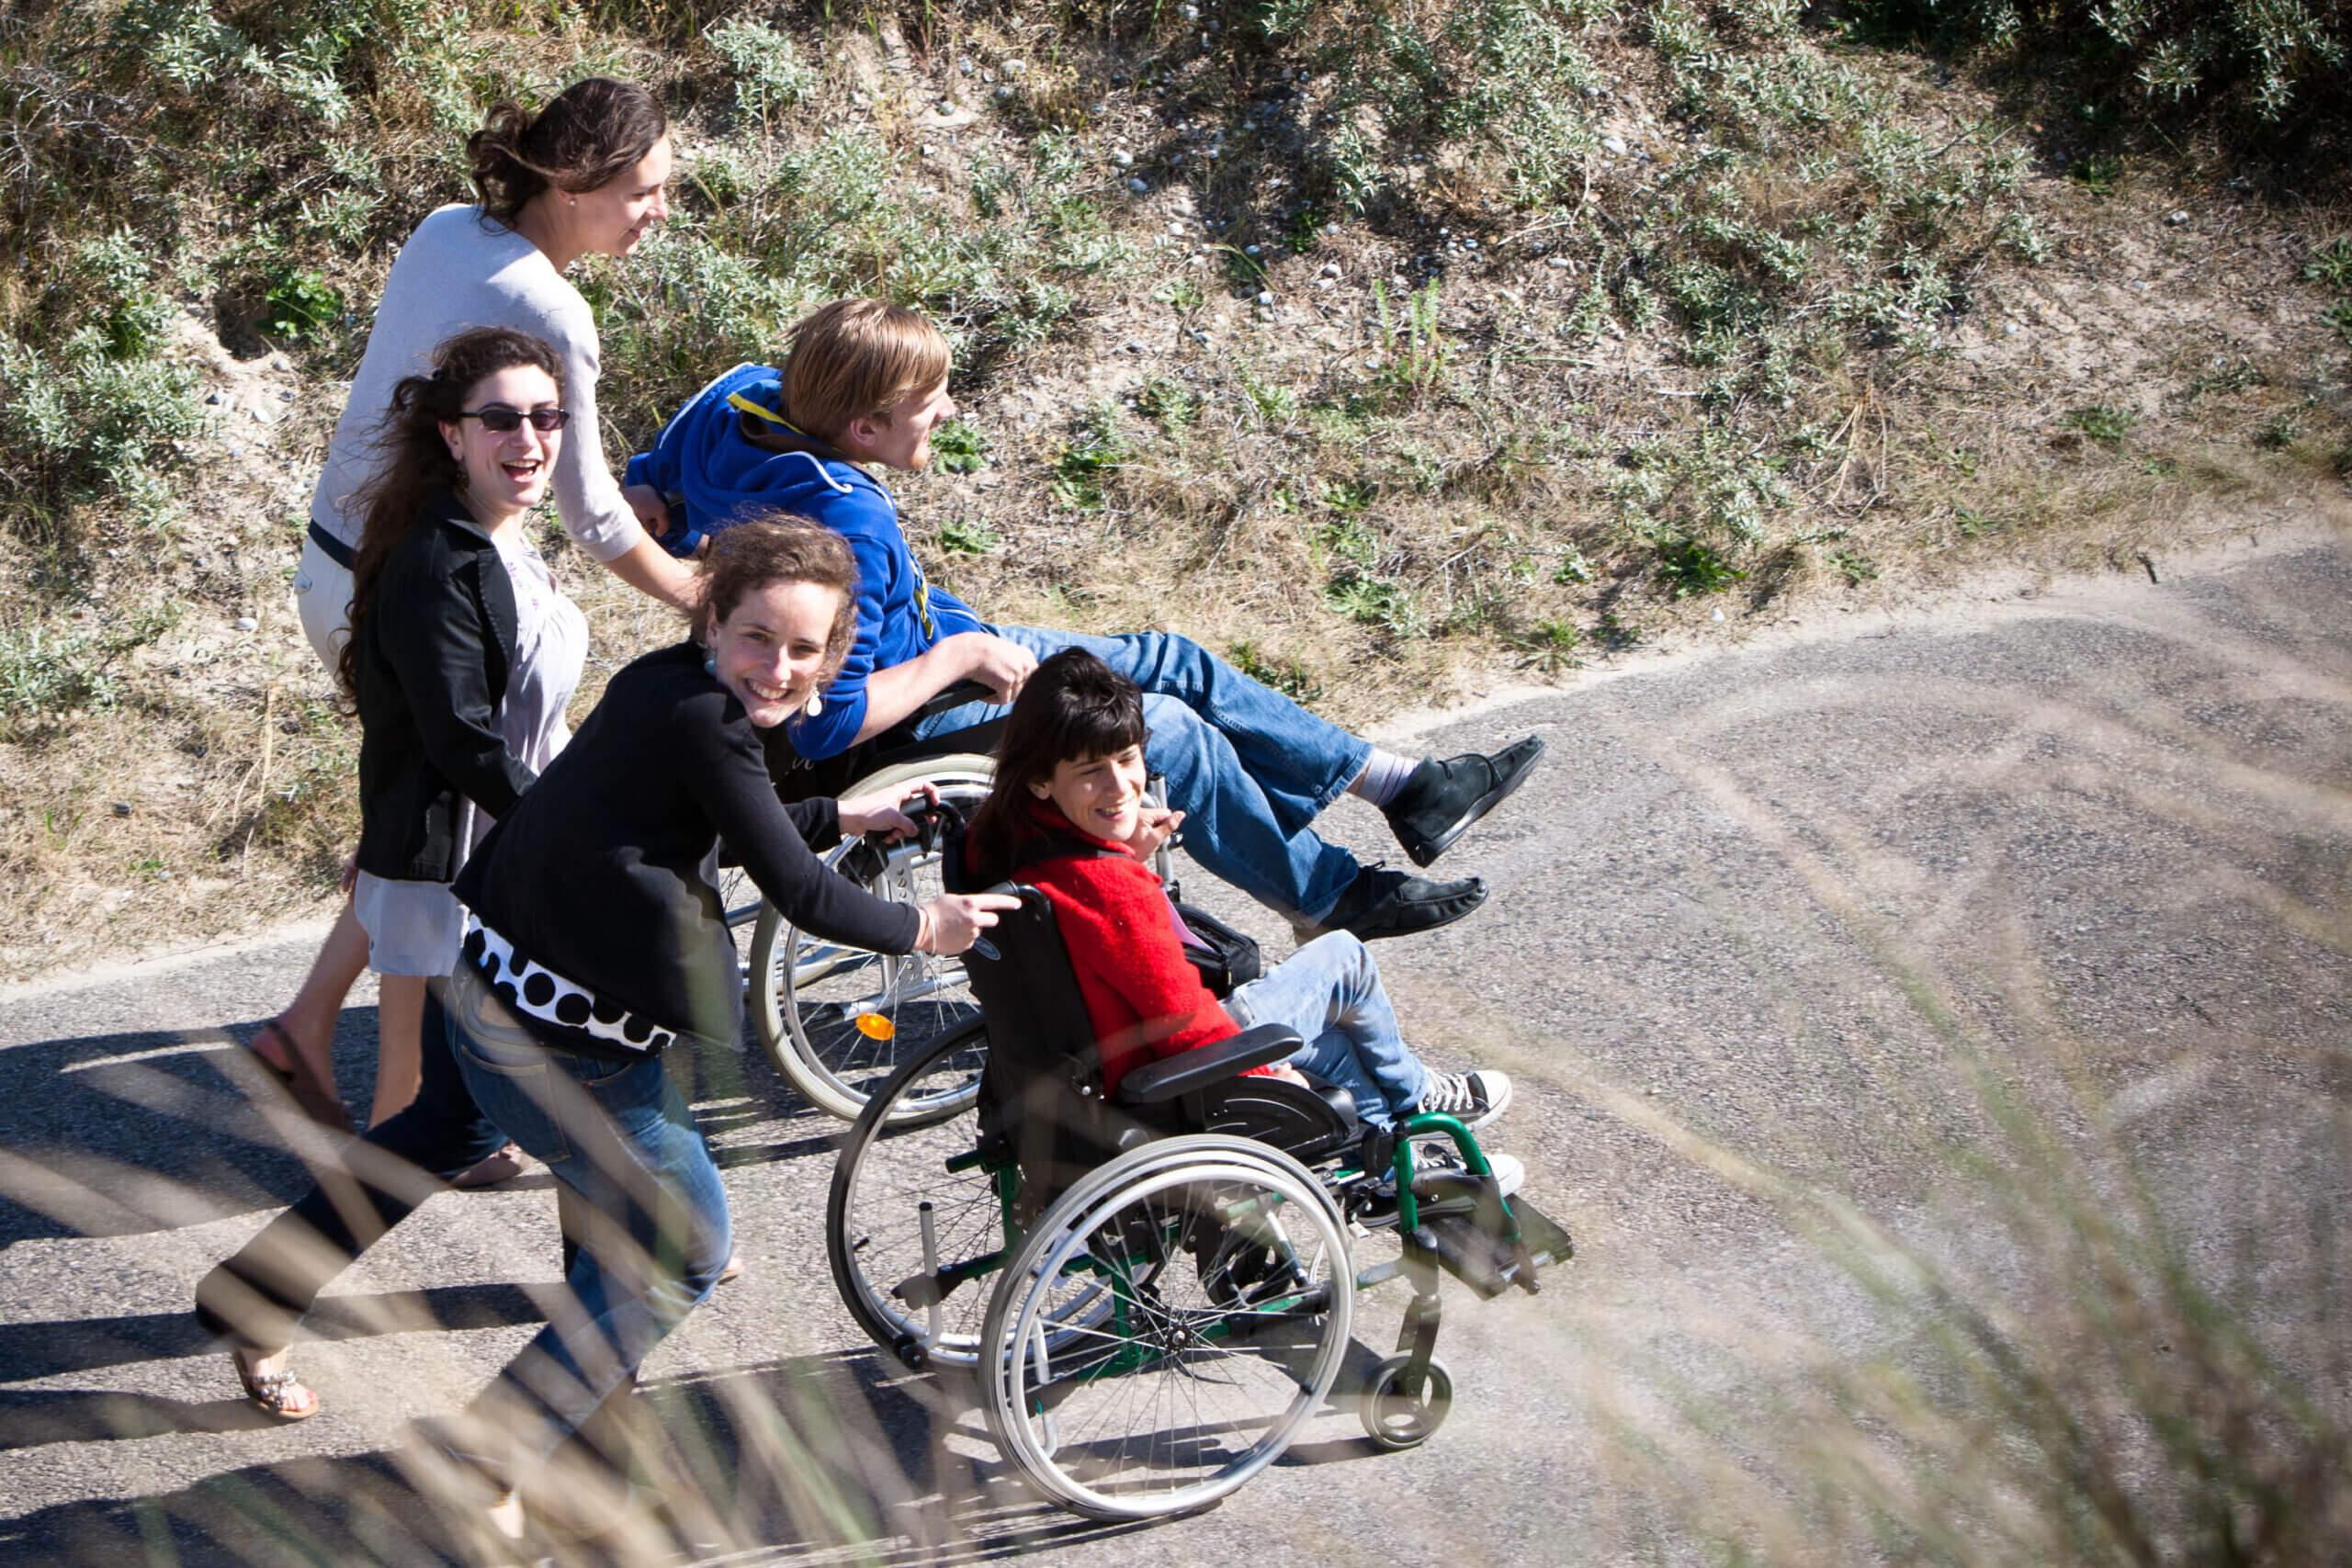 Groupe de jeunes souriants sur la route avec un jeune en fauteuil